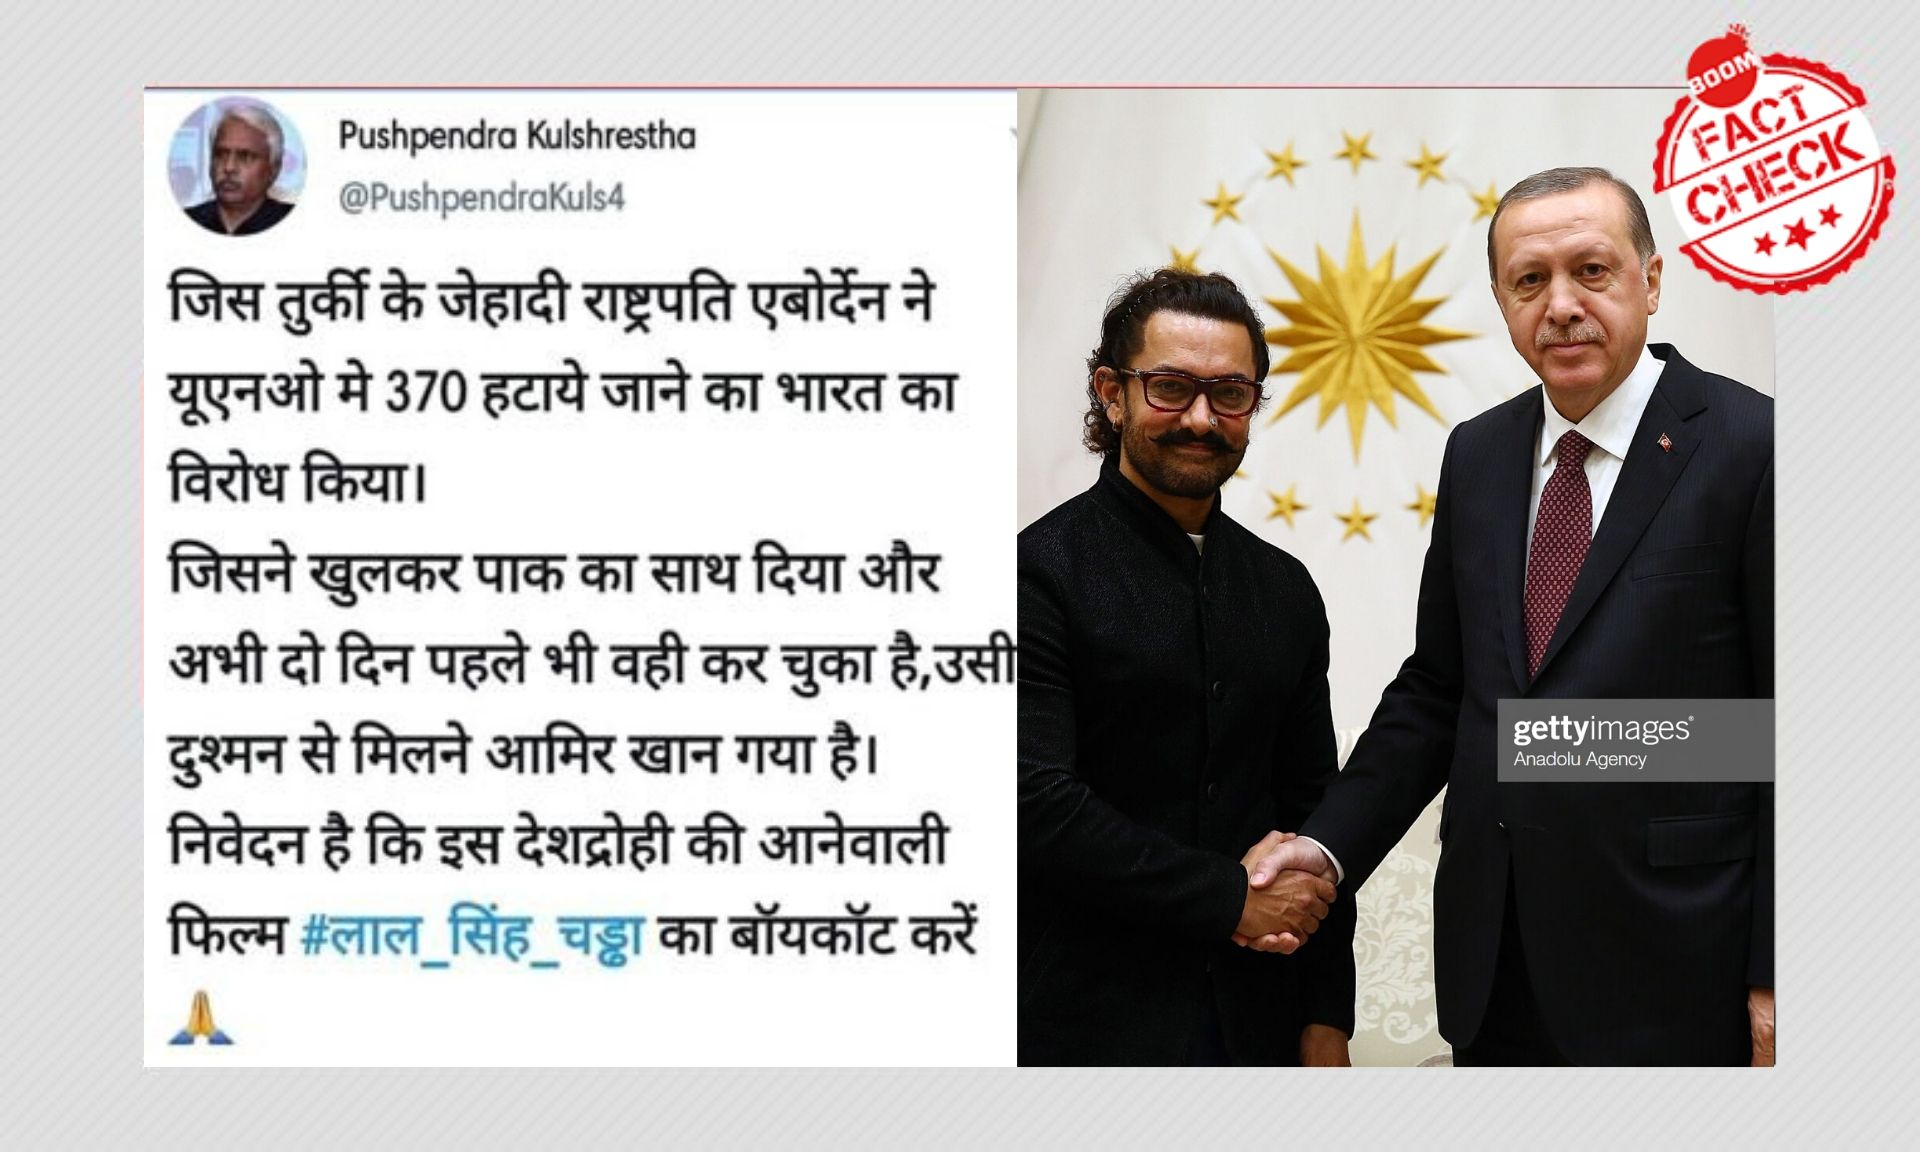 आमिर खान की दो साल पुरानी तस्वीर गलत सन्दर्भ में वायरल